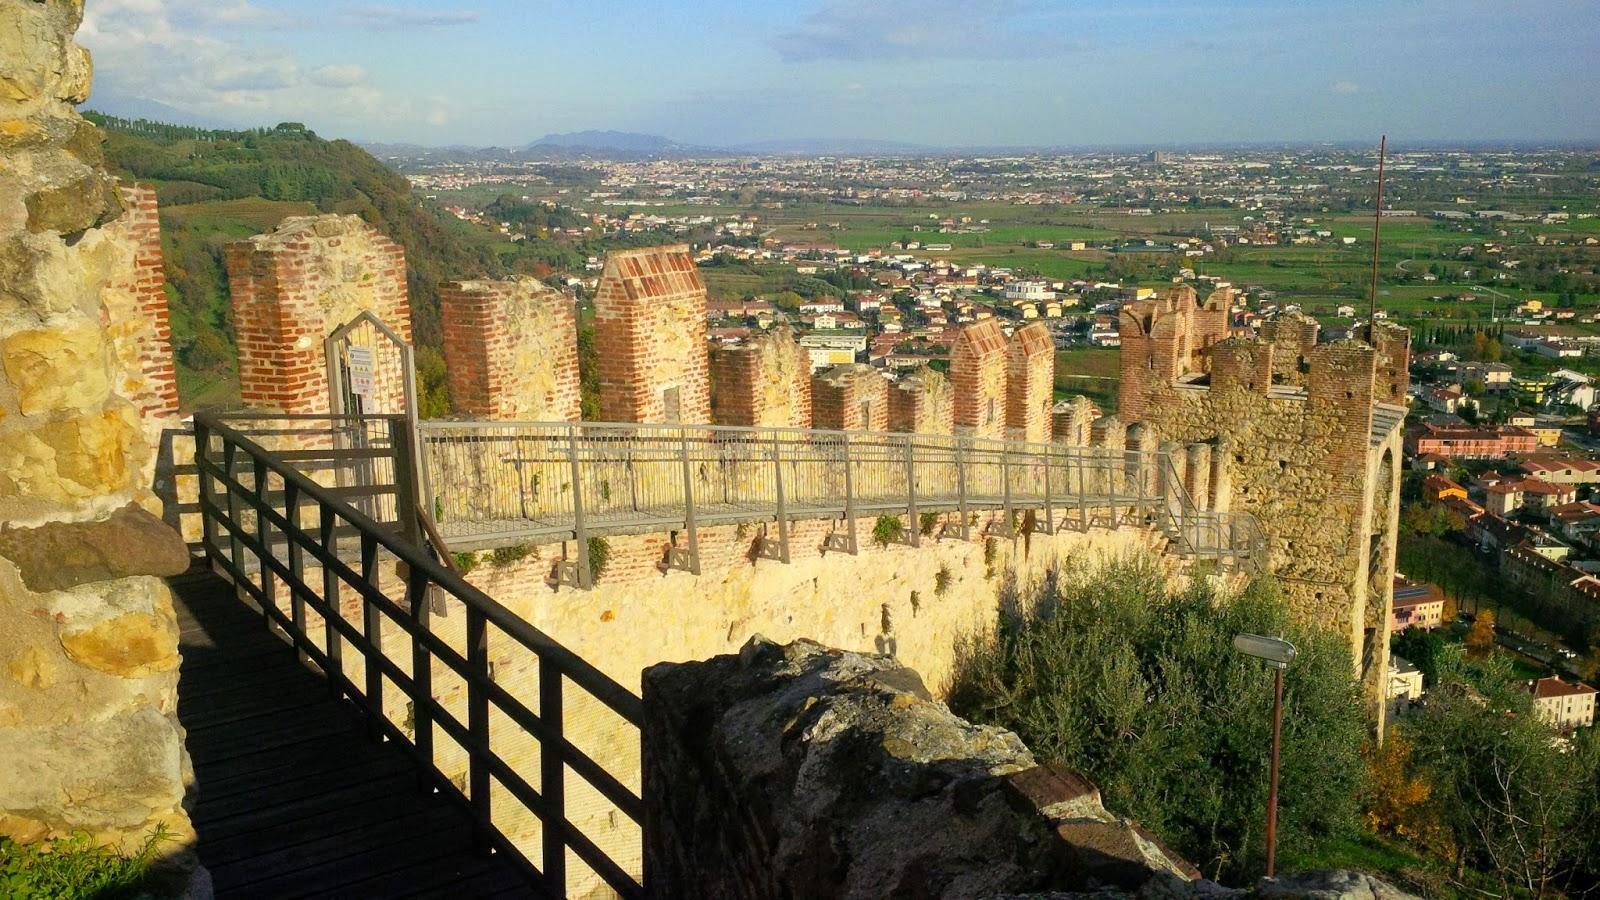 The defensive walls of Marostica, Veneto, Italy